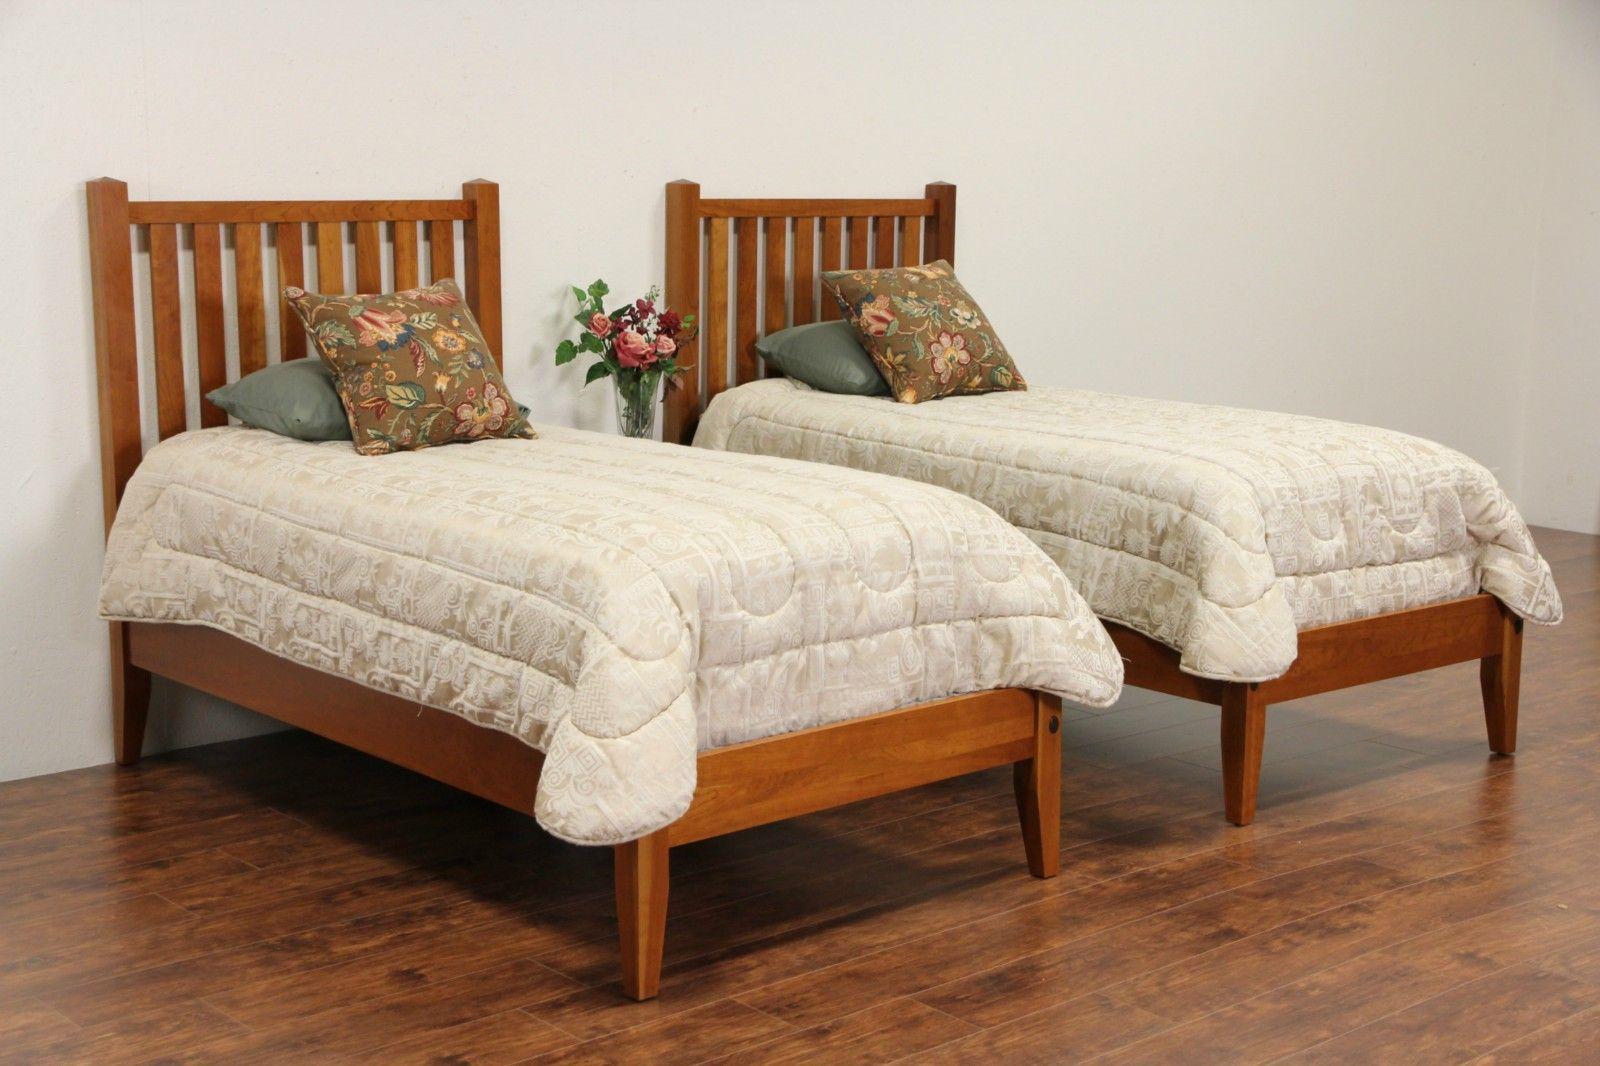 photo 1 Furniture, Home decor, Decor